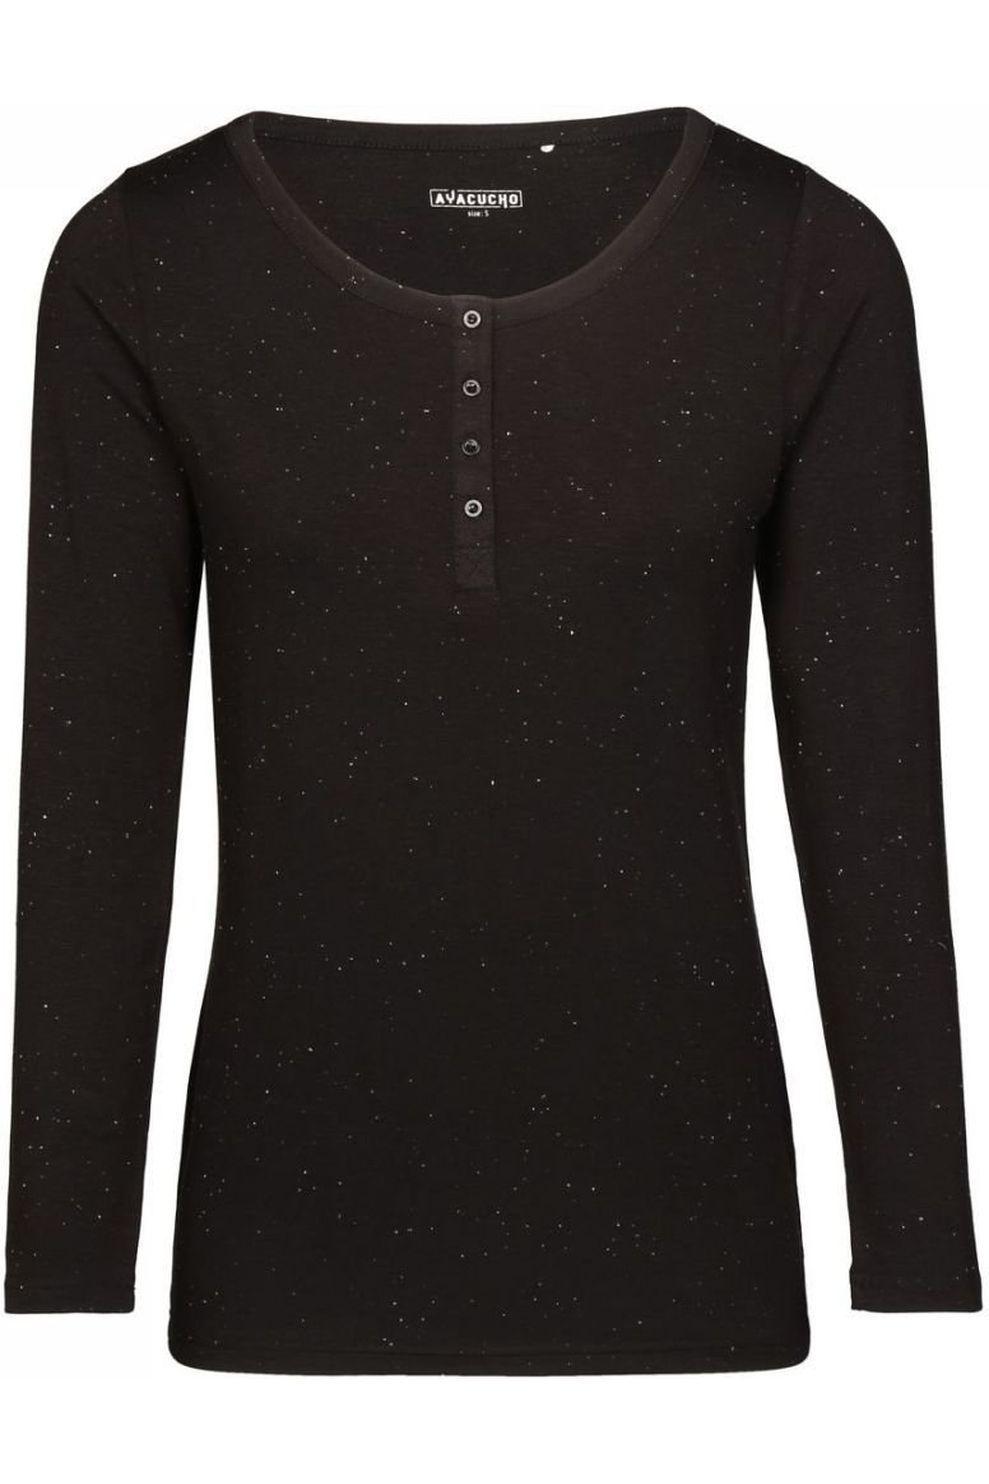 Ayacucho T-Shirt Dragonfly Ls Neppy Am voor dames - Zwart - Maten: XS, S, M, L, XL